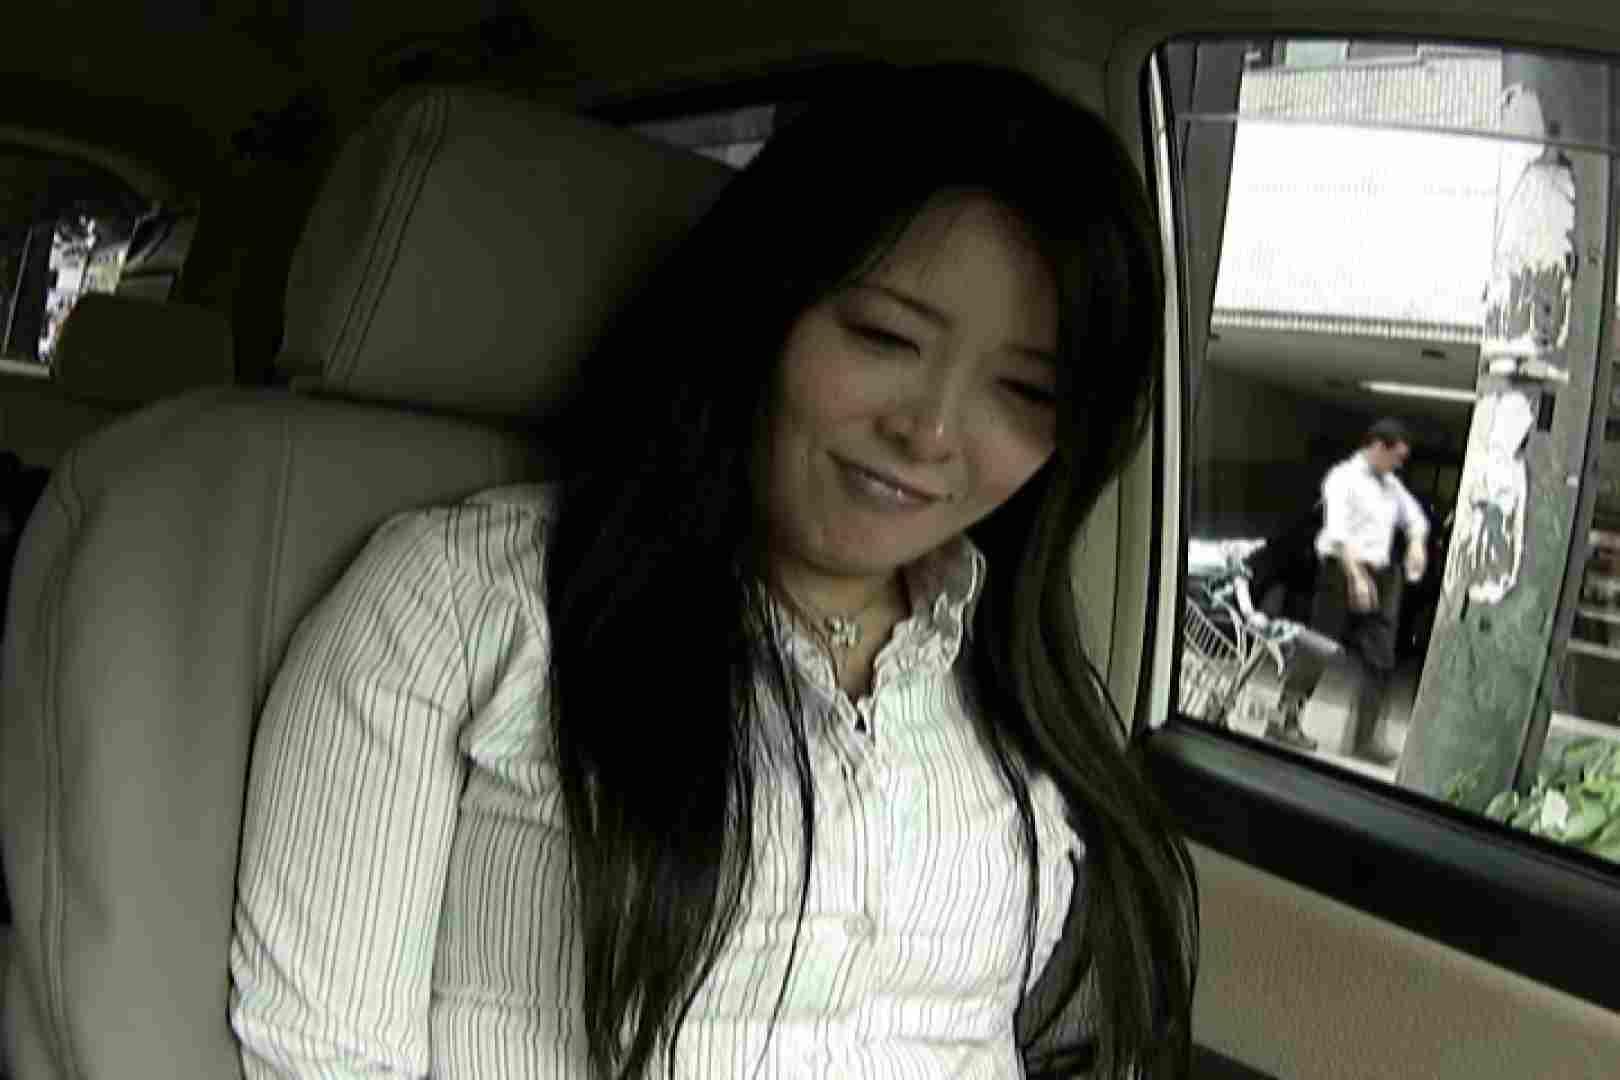 素人ナンパ本番撮り!出会い系でGET!Vol.12 入浴娘 オマンコ無修正動画無料 64連発 20